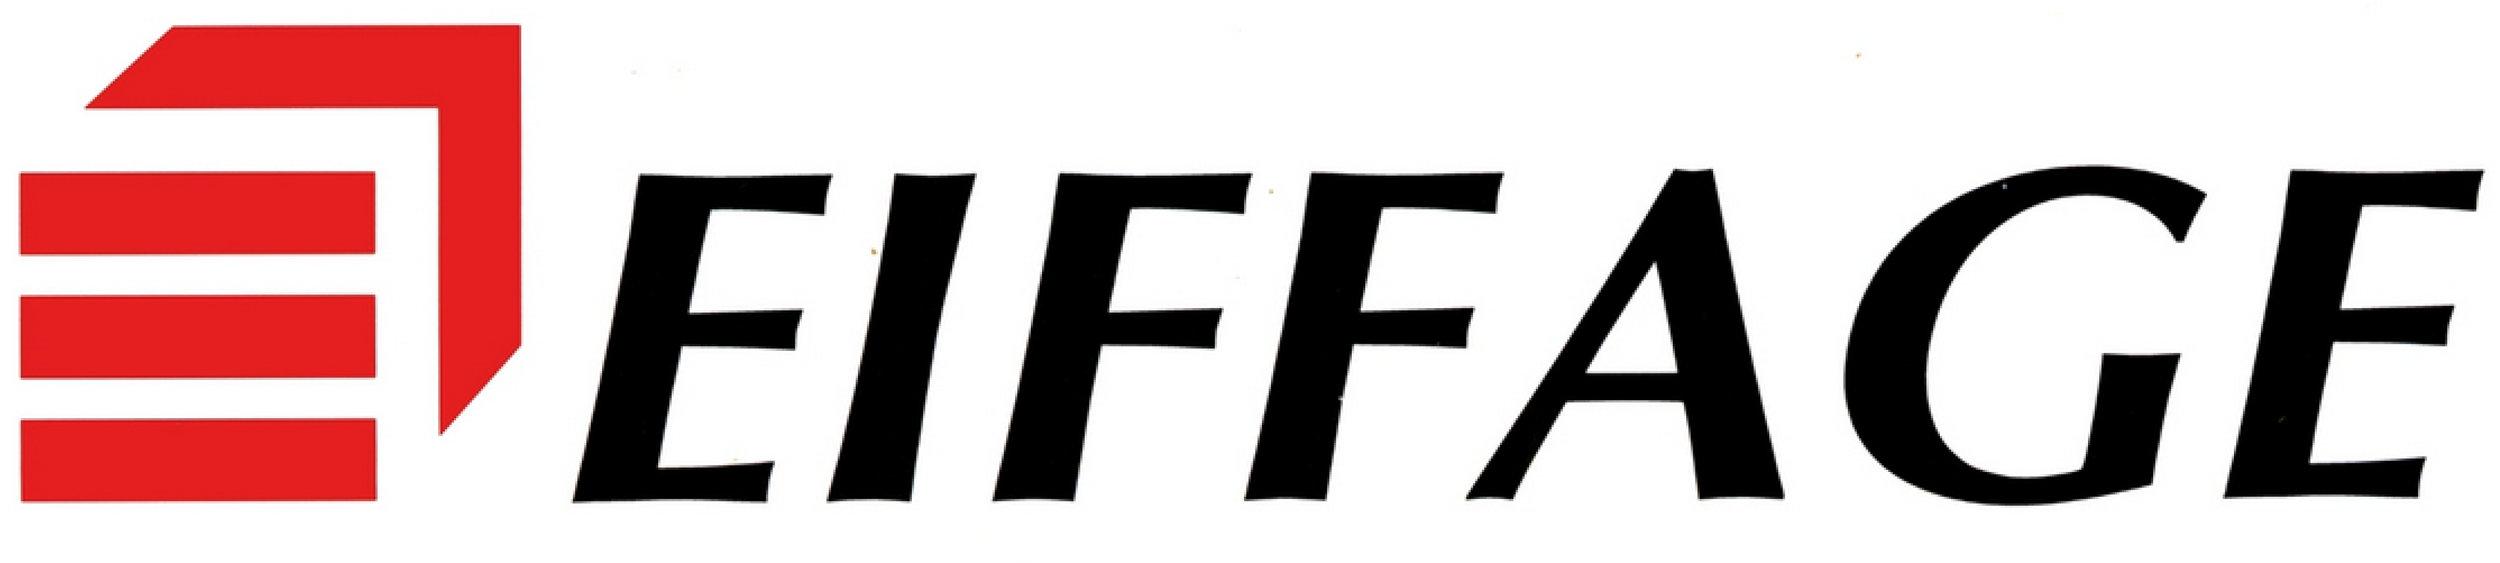 Logo-Eiffage.jpg